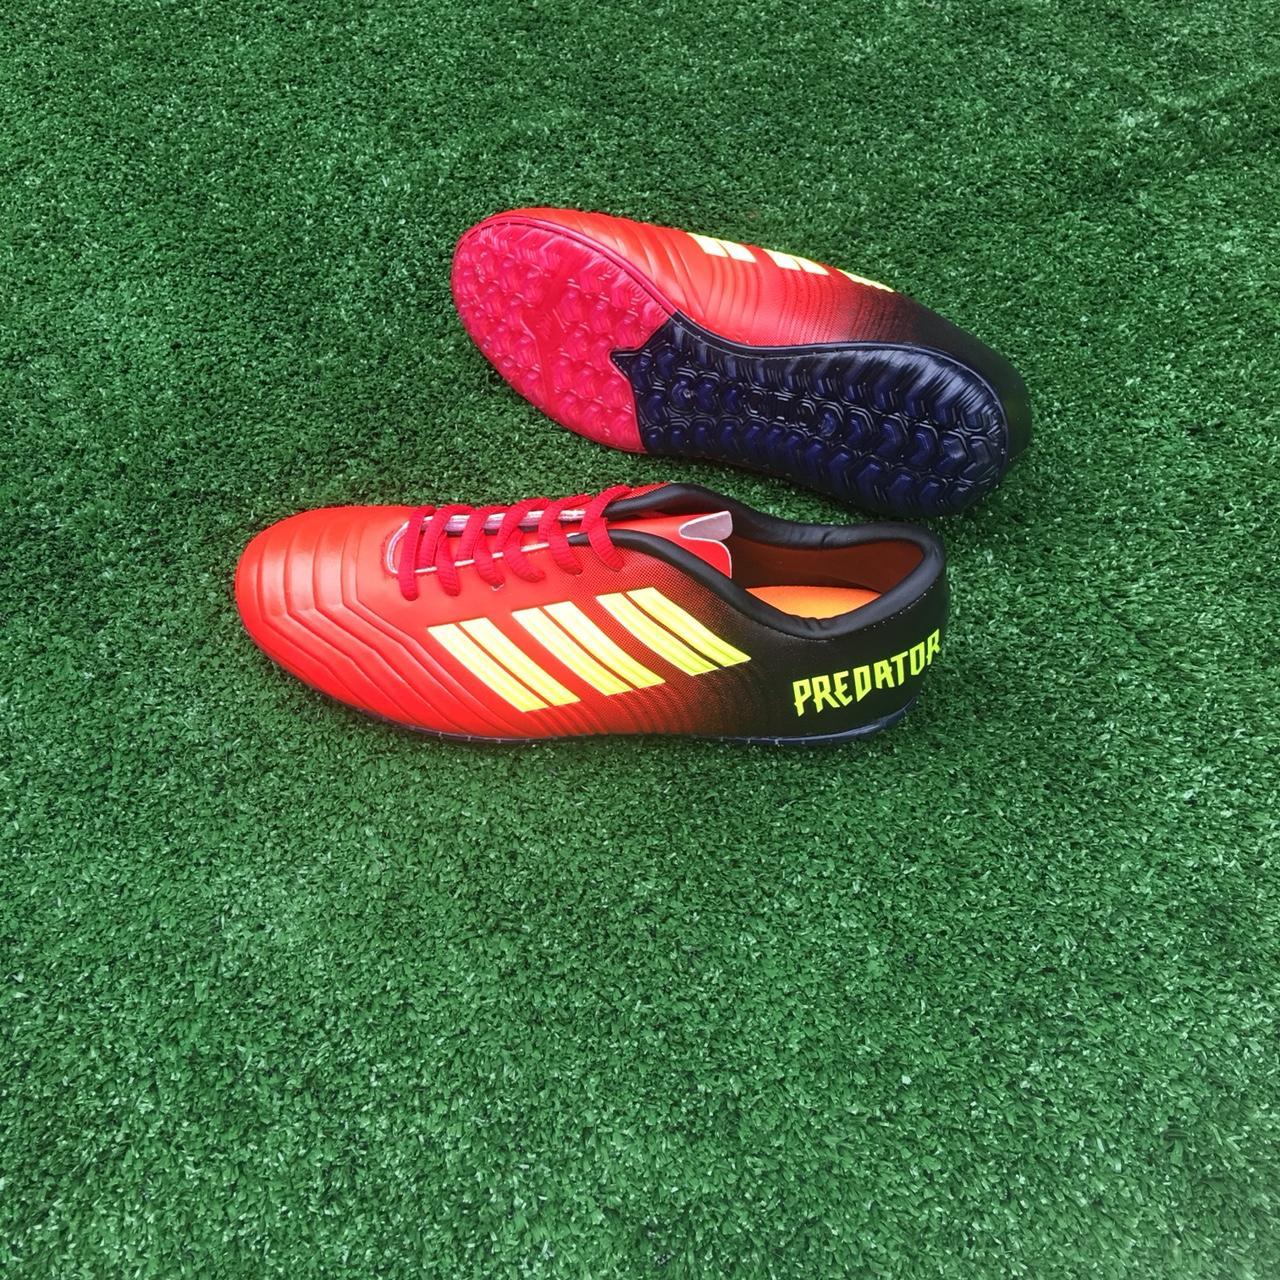 Giày đá bóng,giầy đá banh sân cỏ nhân tạo